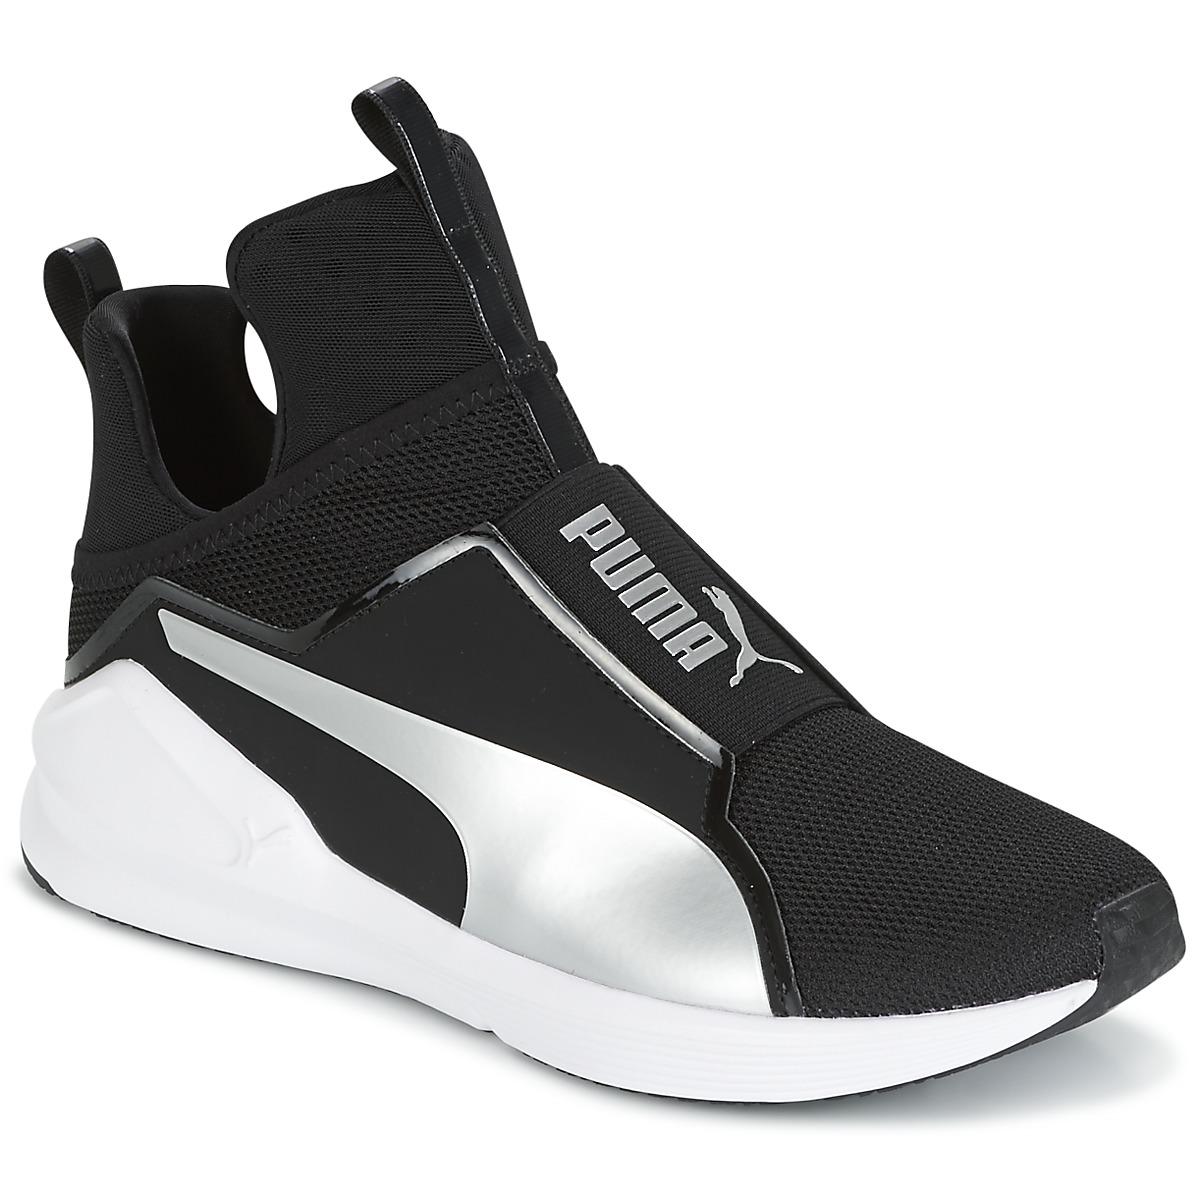 Puma FIERCE core Noir - Livraison Gratuite avec Spartoo.com ! - Chaussures  Basket montante Femme 60,16 €